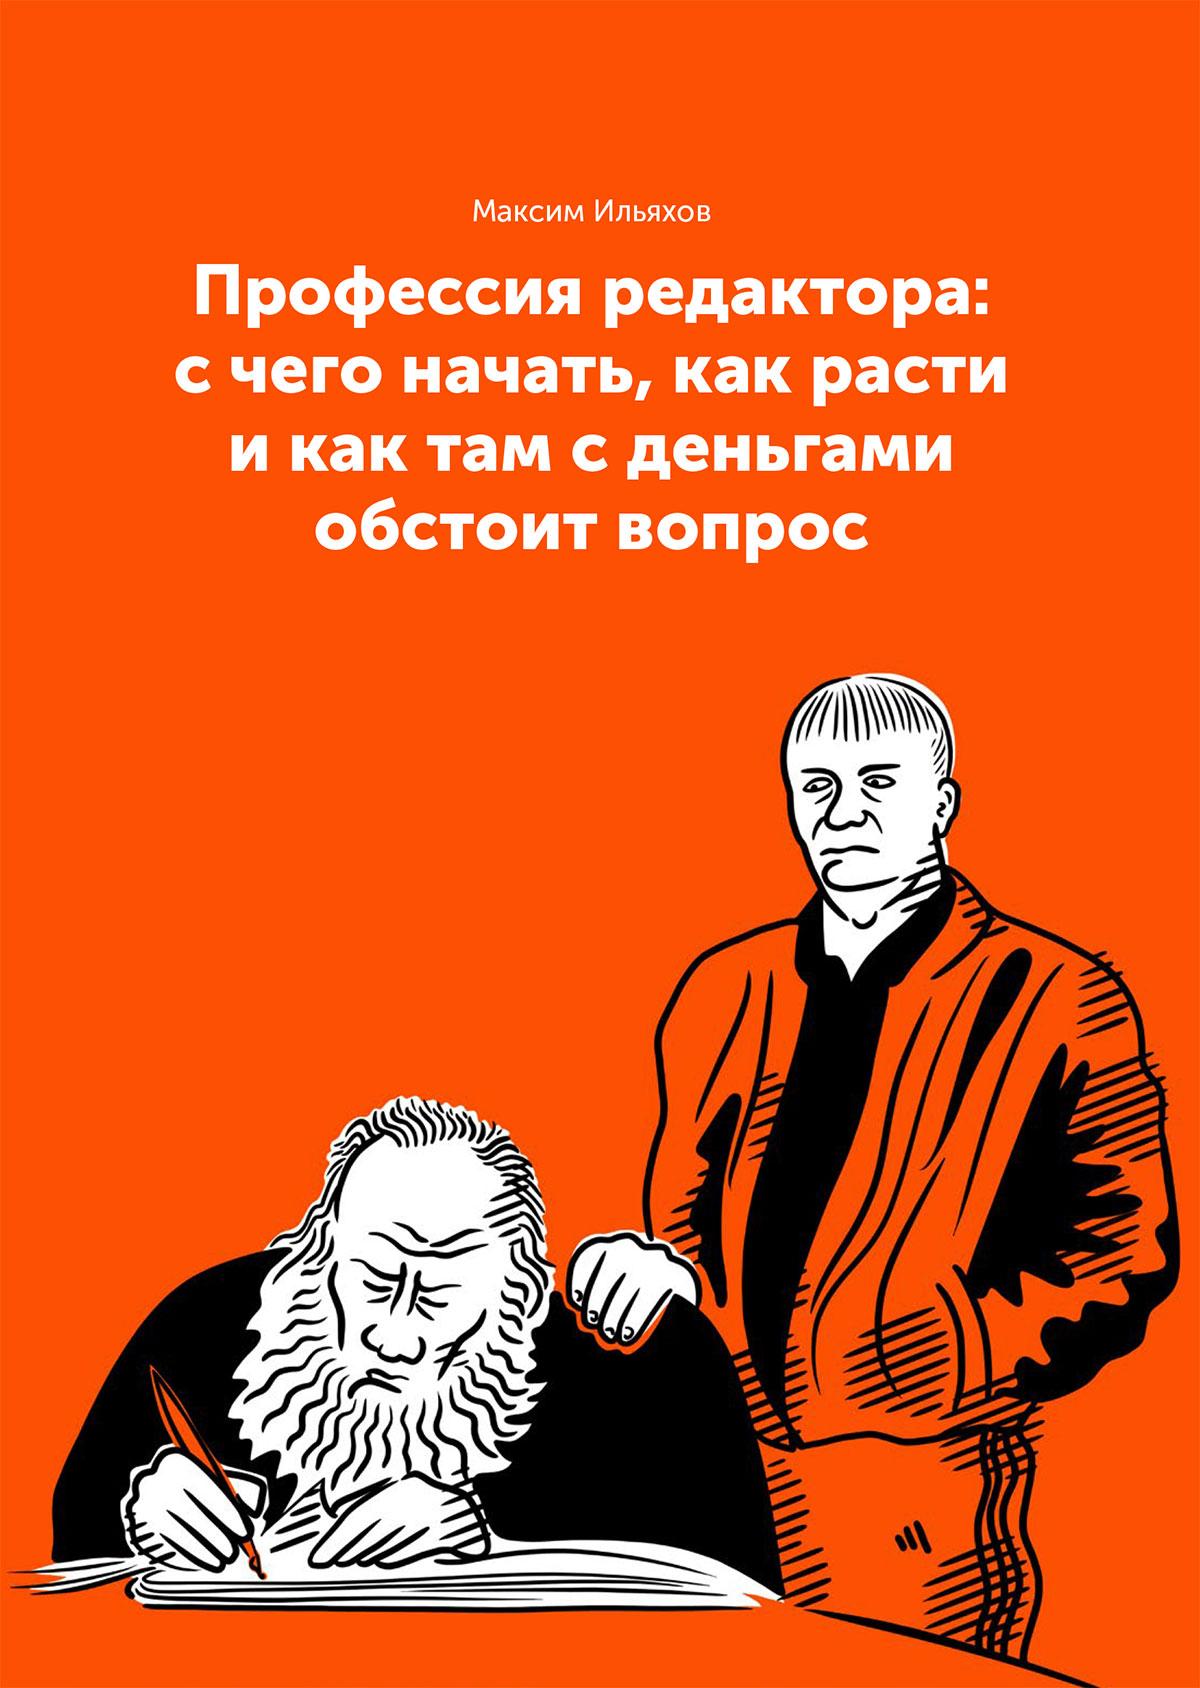 Методичка Максима Ильяхова Профессия редактор